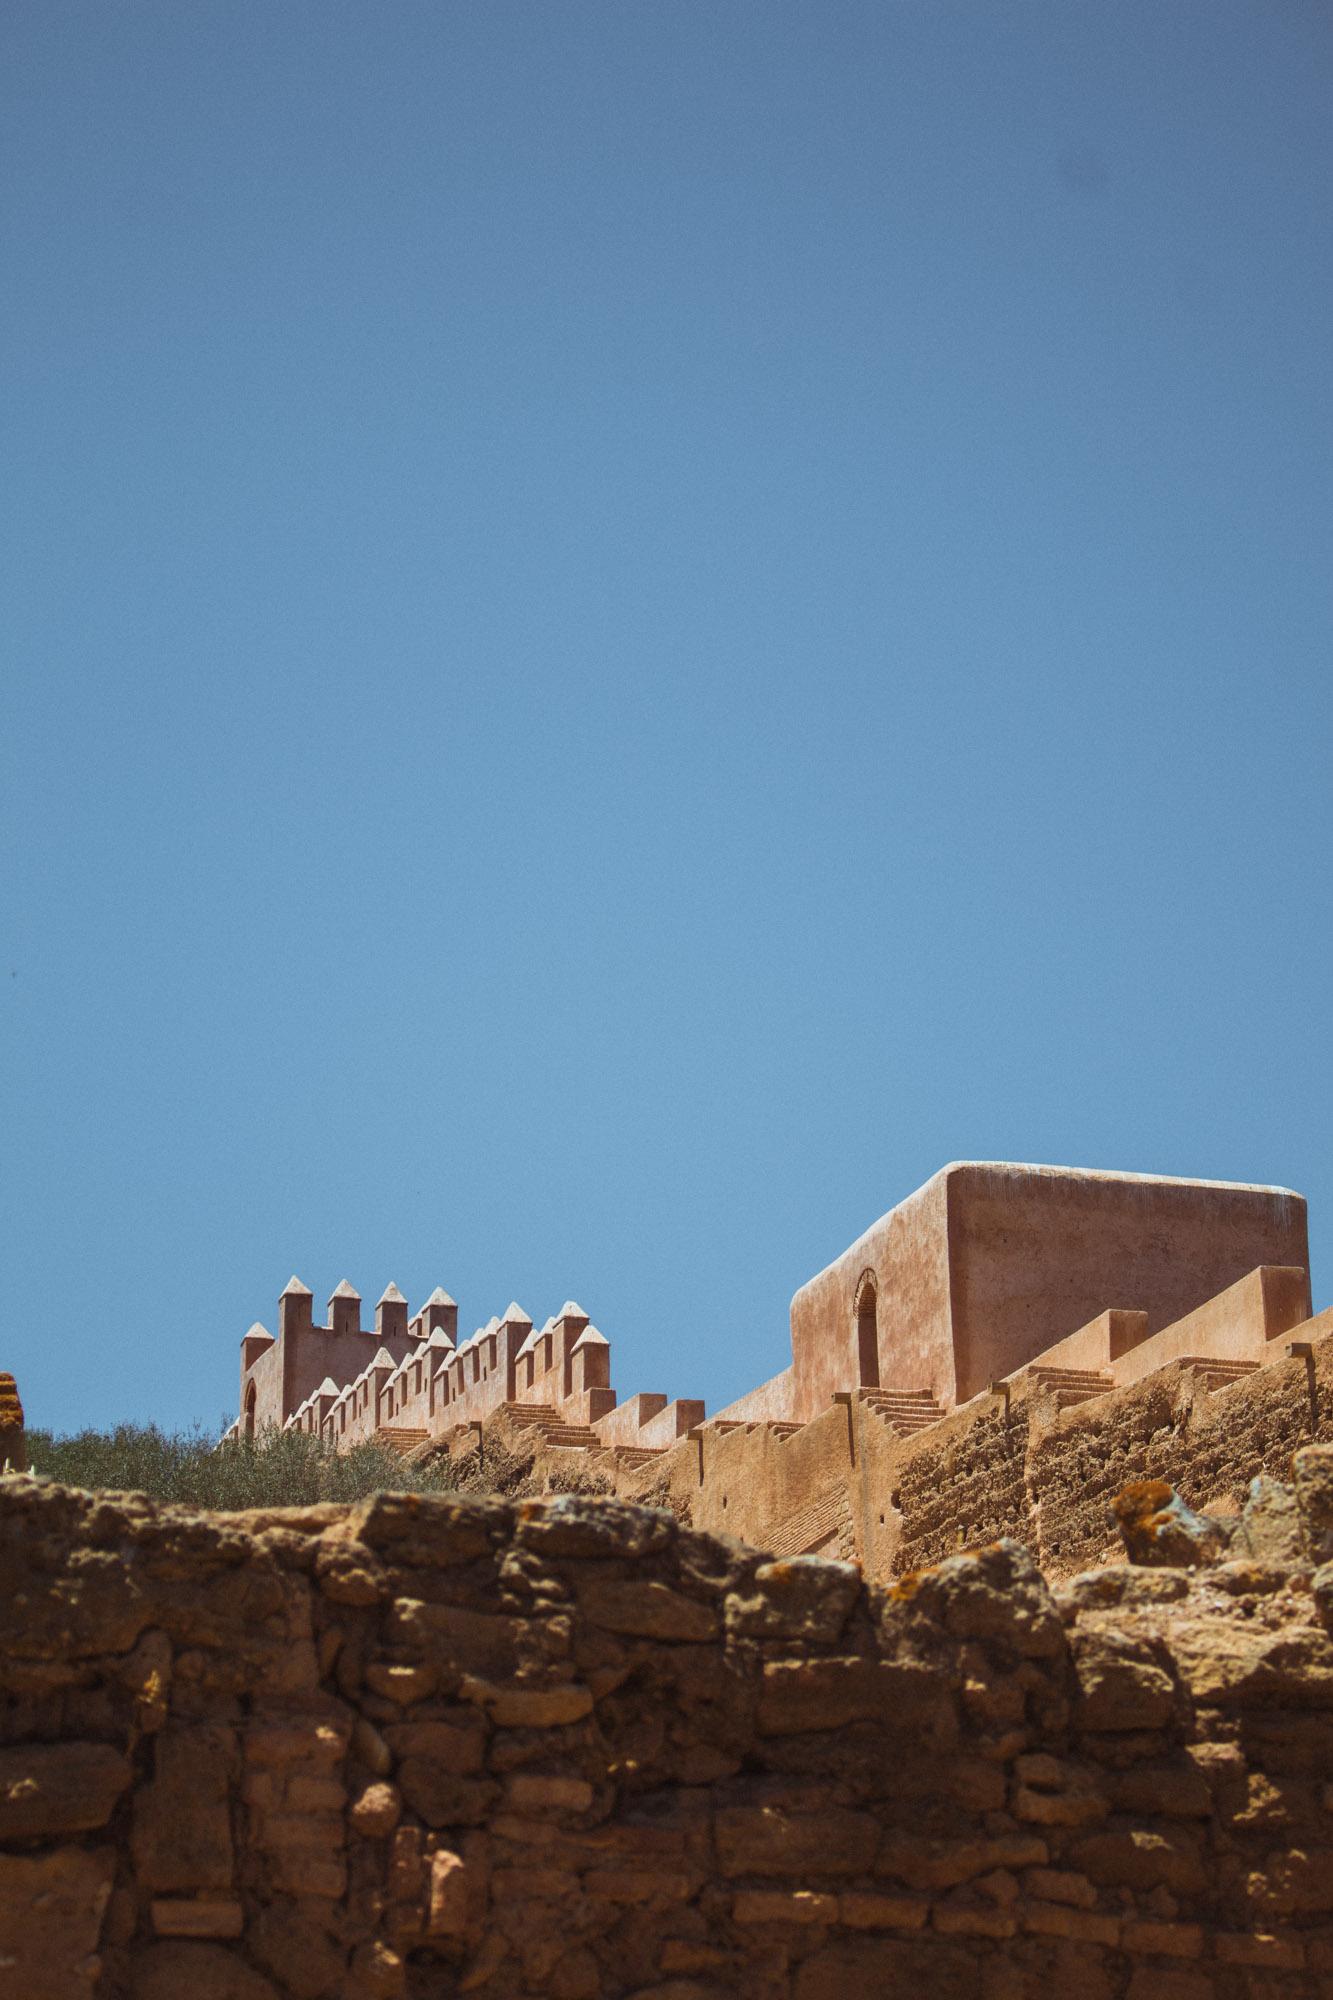 Die Mauer einer Ruine, der Chellah in Rabat, Marokko